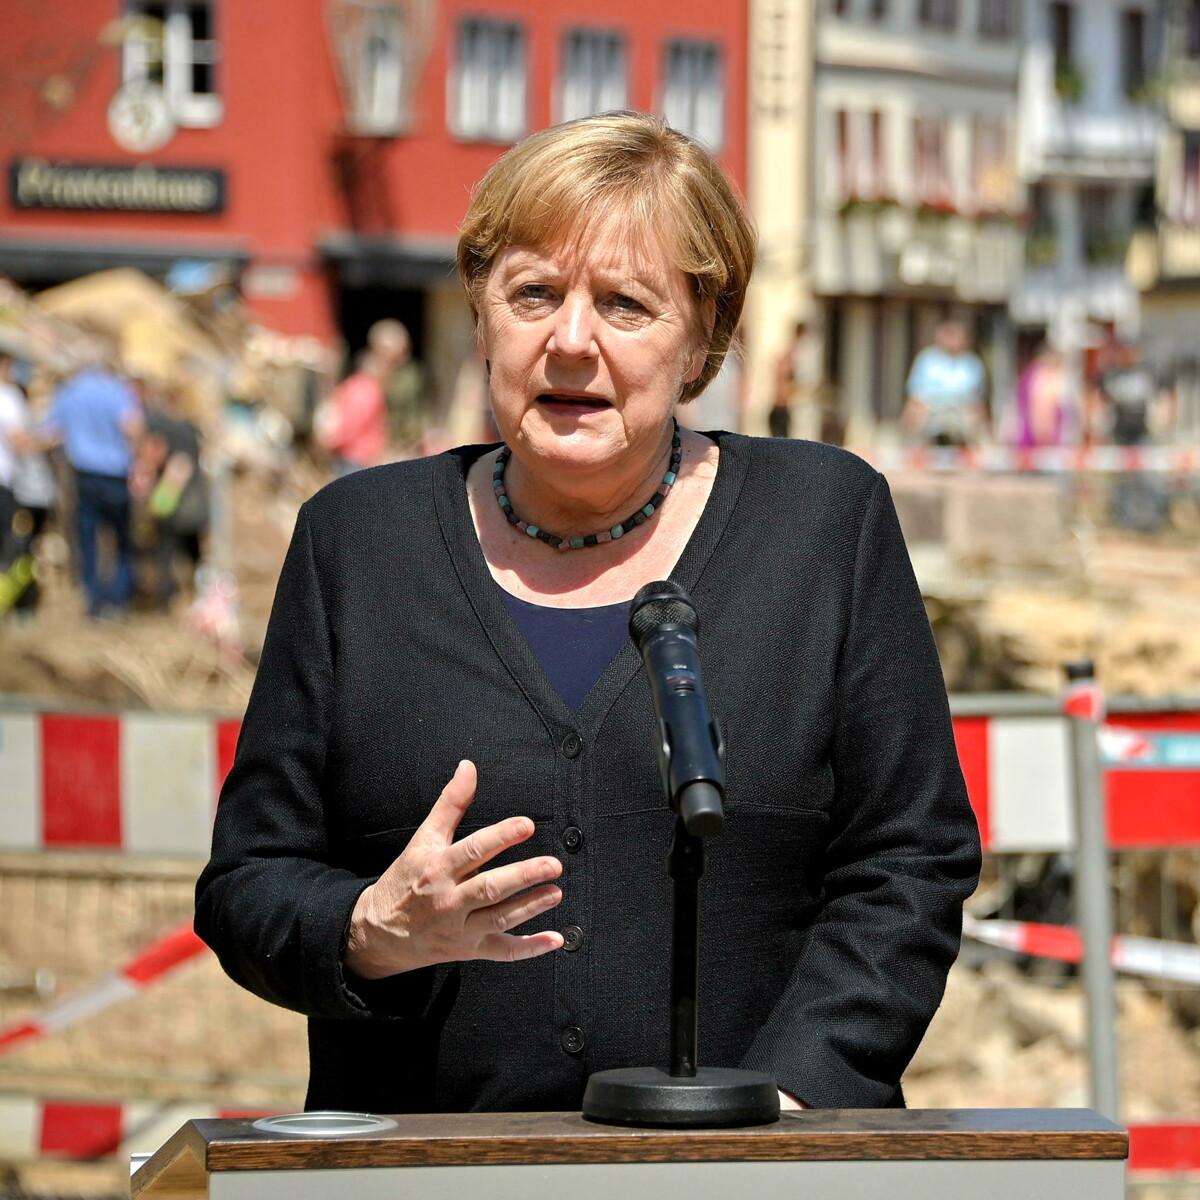 Tornano le forti piogge in Germania mentre è ancora in corso la ricerca dei dispersi